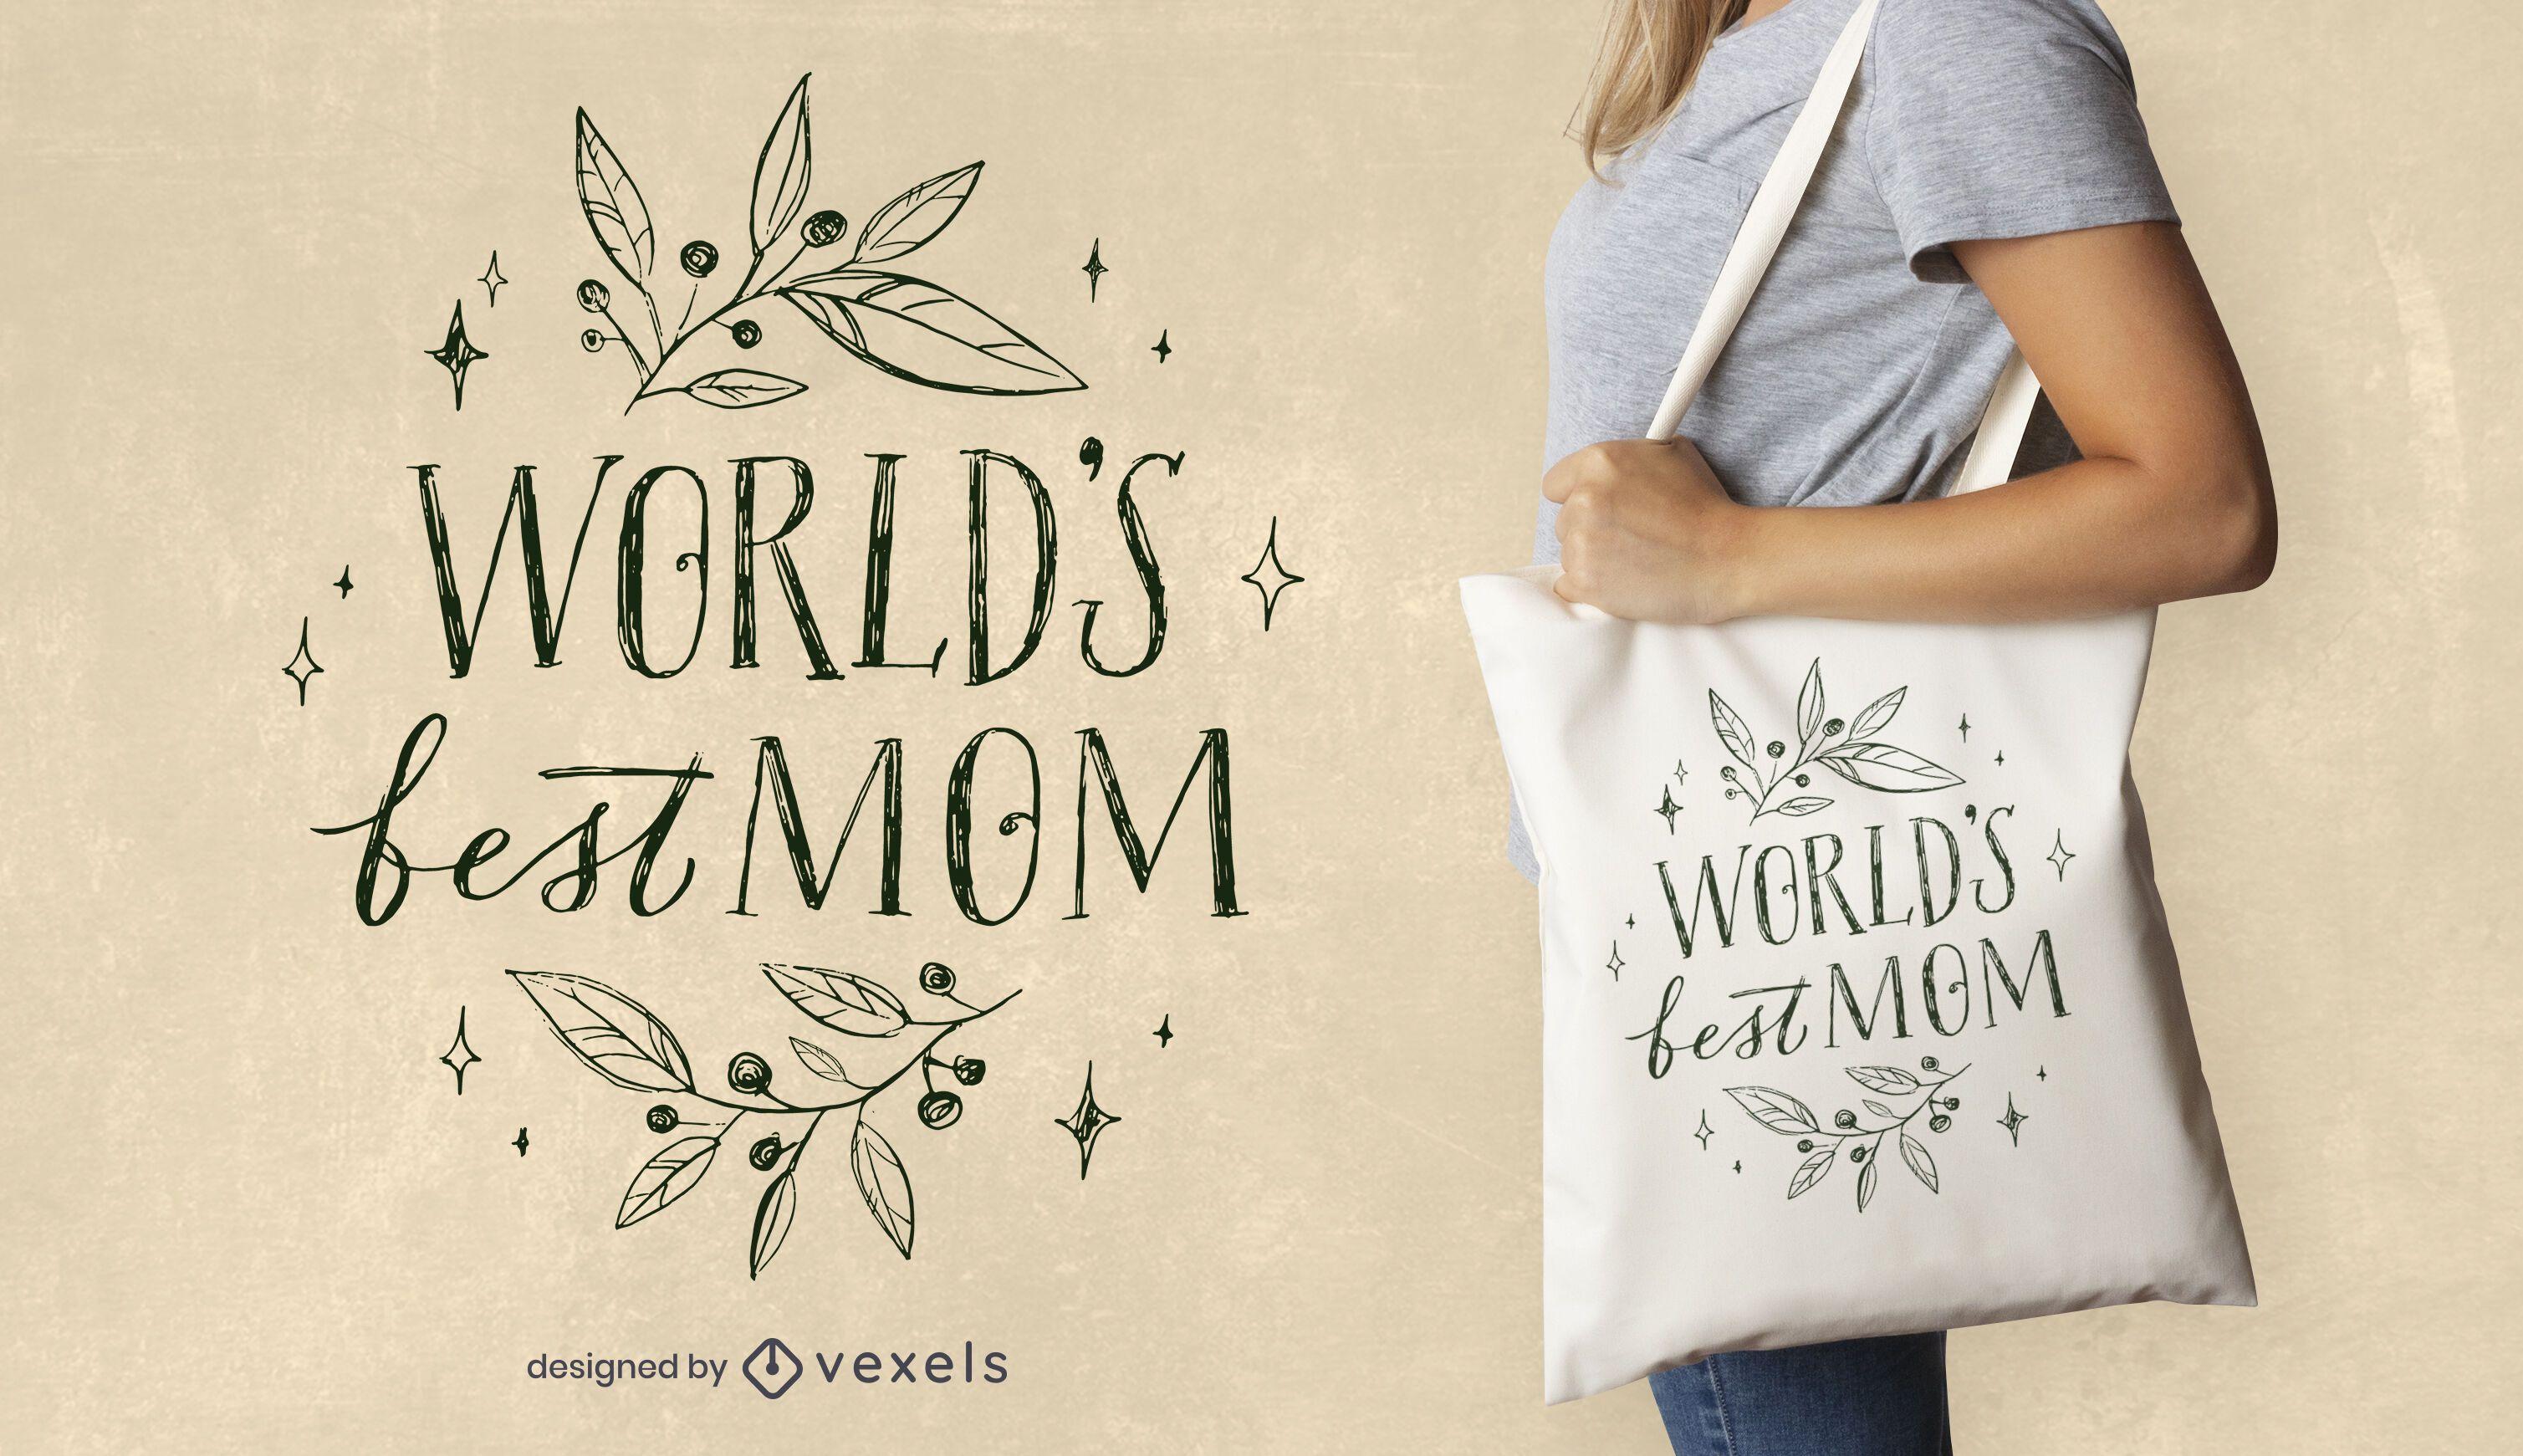 Best mom quote tote bag design